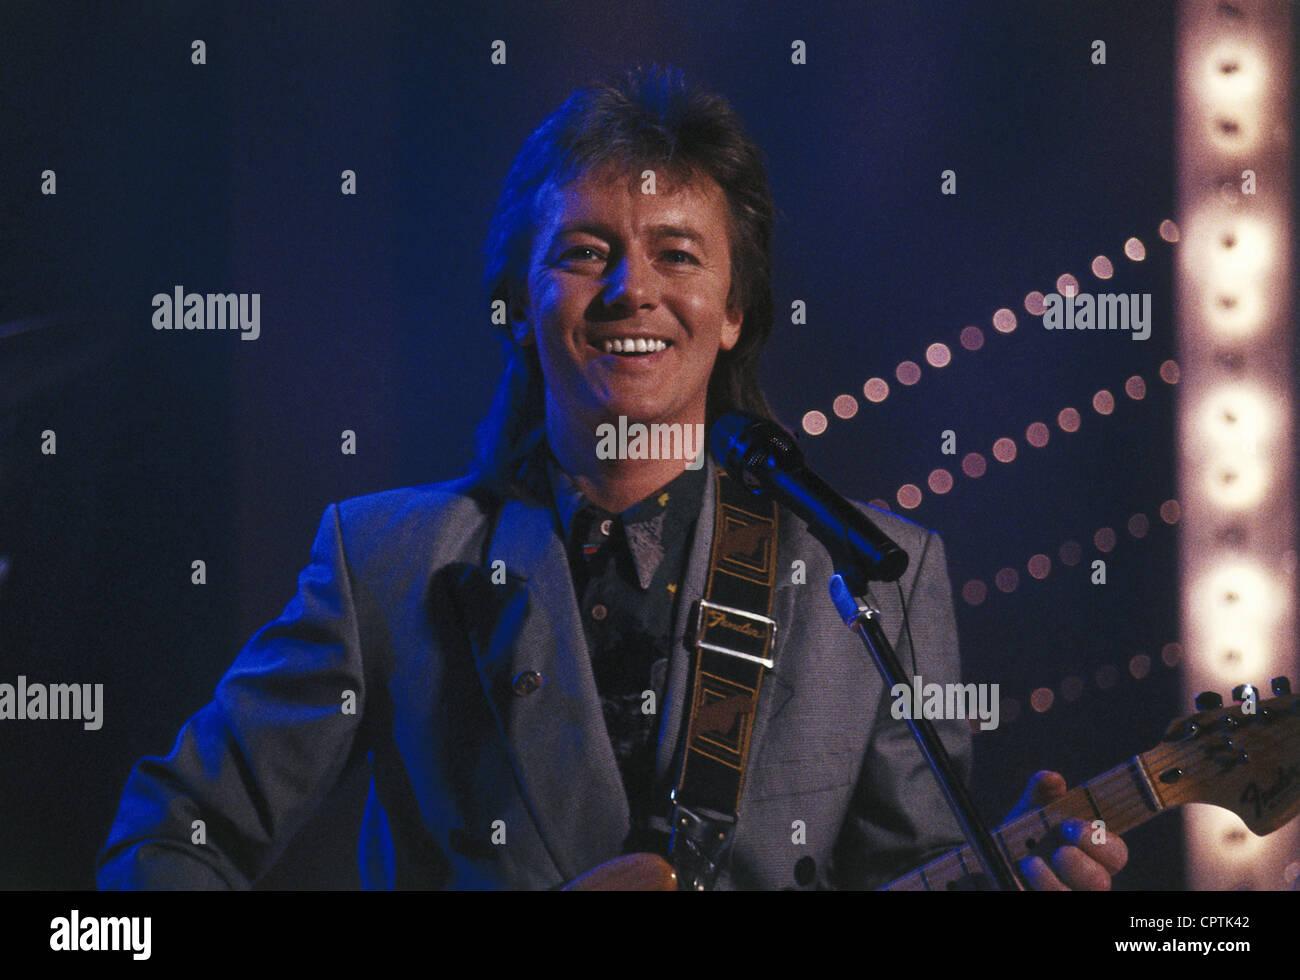 Norman, Chris, * 25.10.1950, Britische Sängerin, halbe Länge, auf der Bühne, 1990 s, Additional-Rights Stockbild